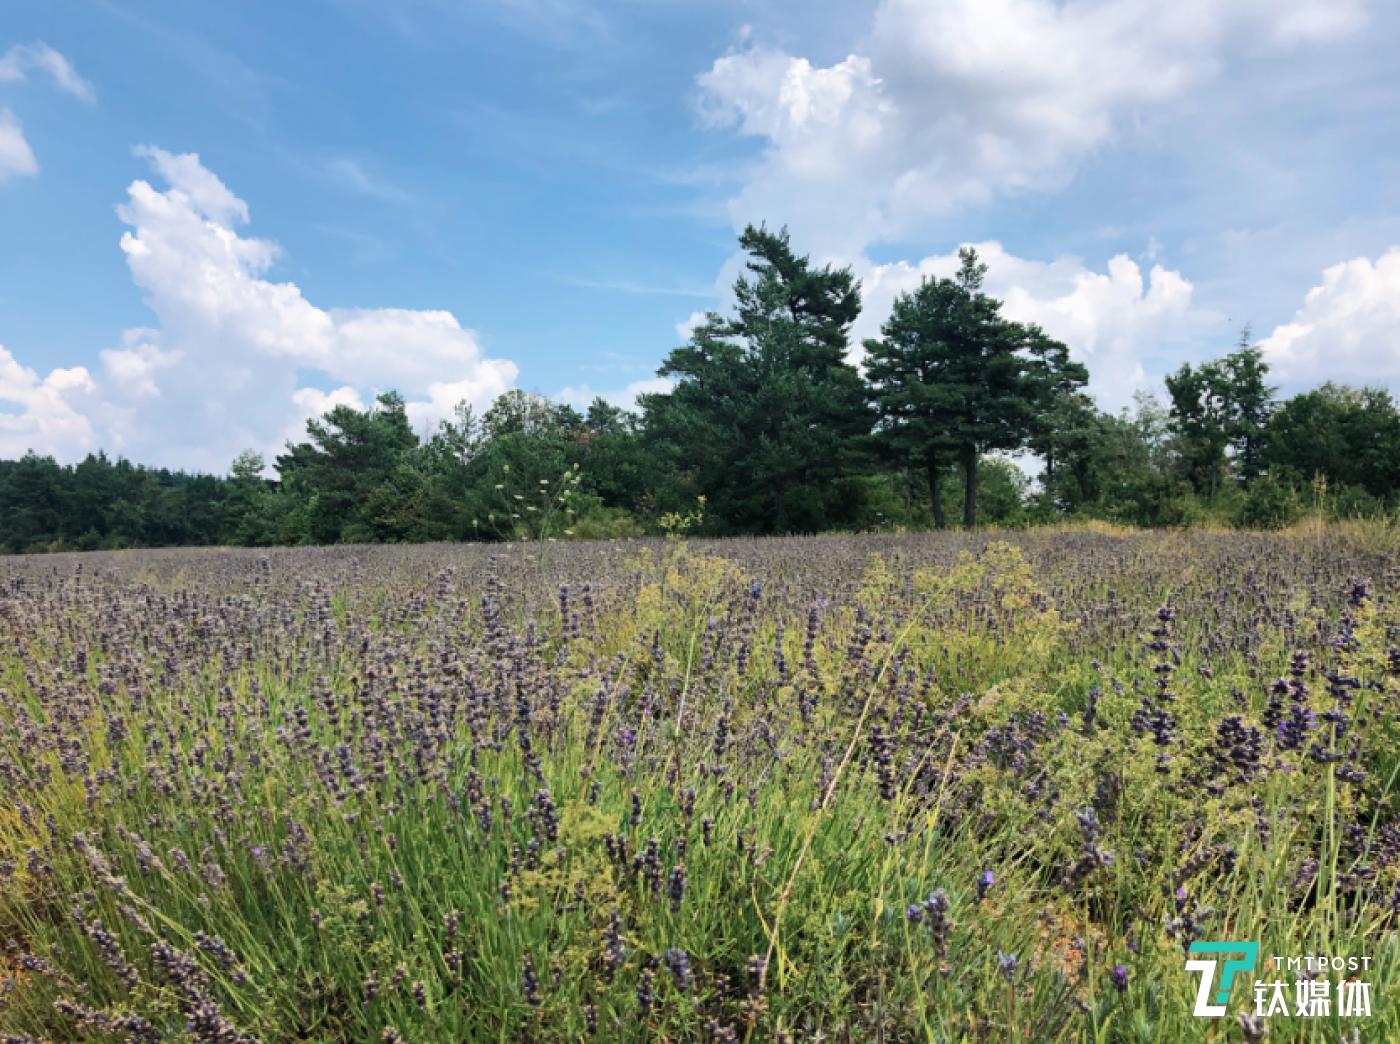 一株普罗旺斯熏衣草是如何被制成精油和香水的?